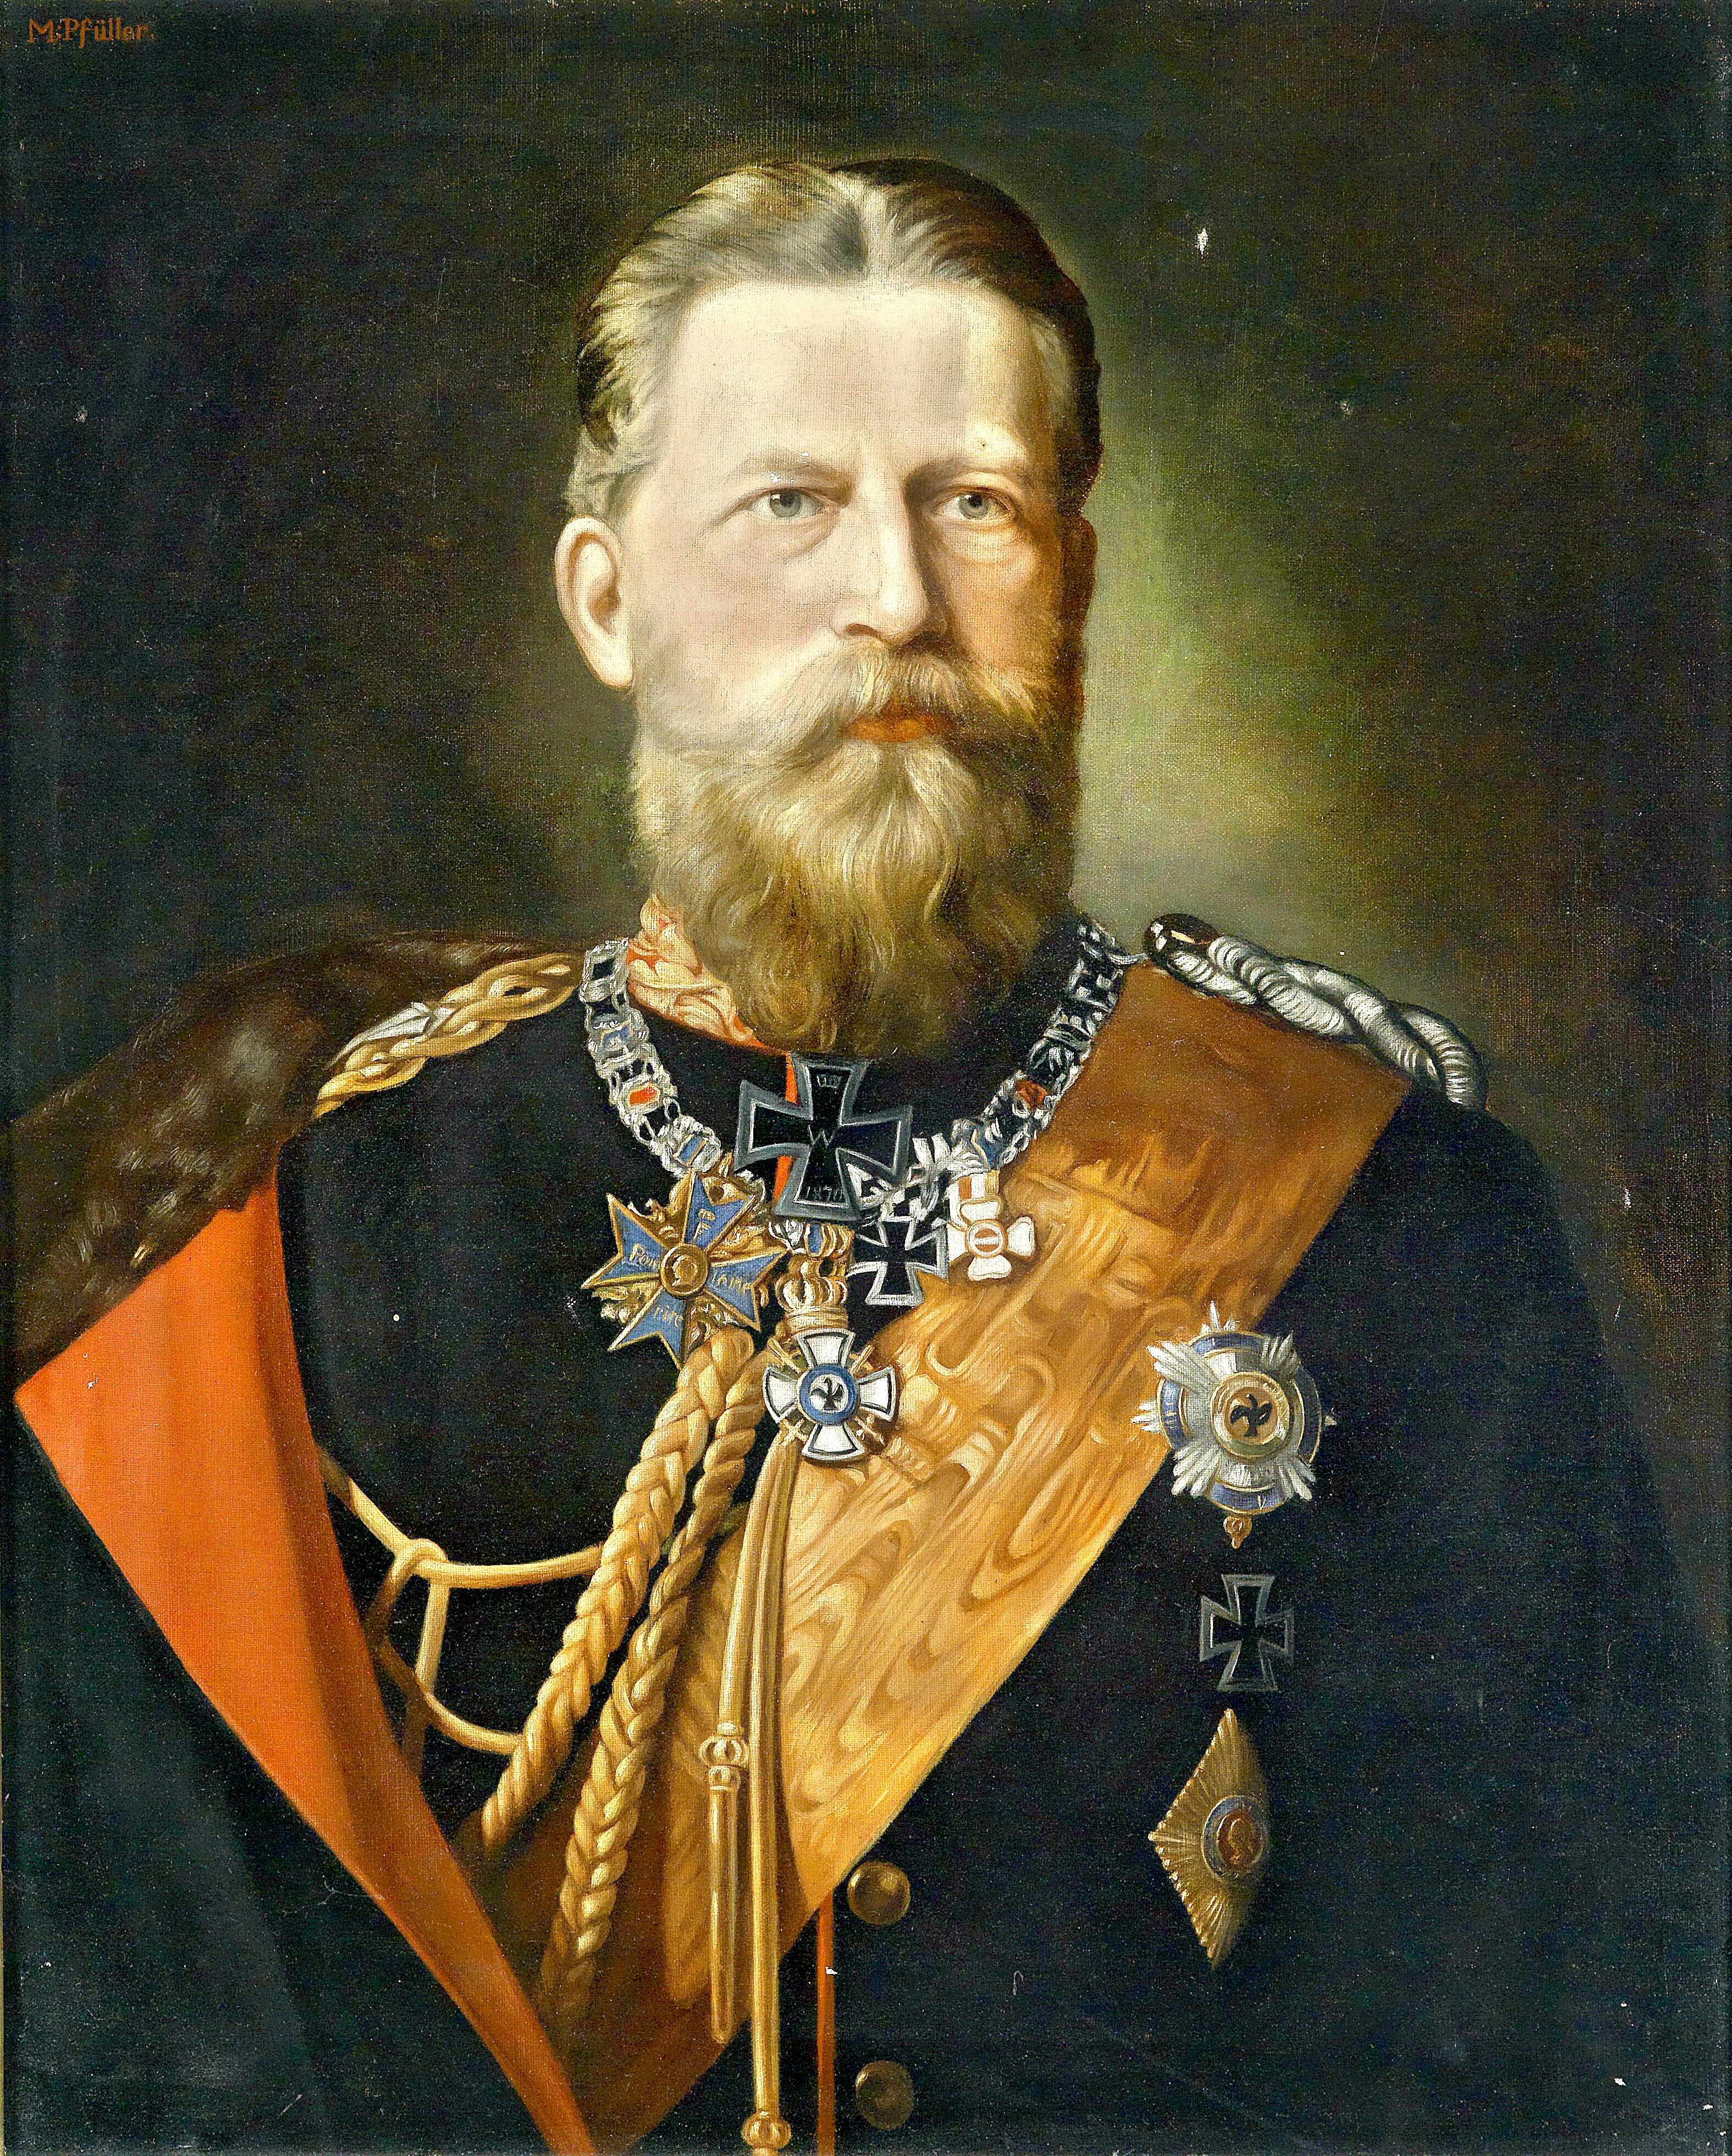 FRIEDRICHIII  DEUTSCHER KAISER UND KÖNIG 1831-1888 DER 99 TAGE KAISER NEU SCHÖN